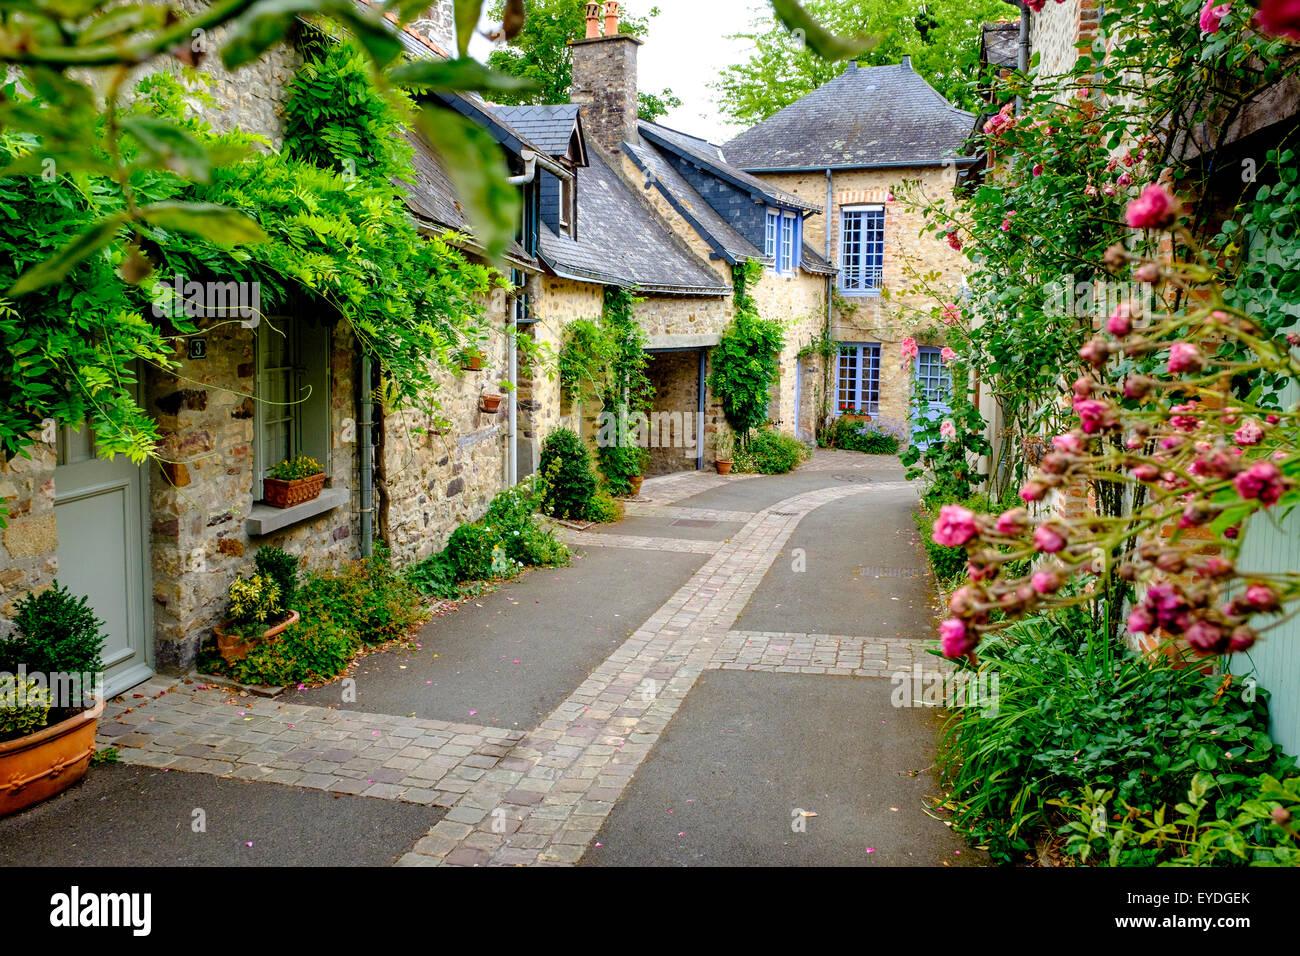 The Picturesque Village Of Sainte Suzanne, Pays De La Loire, France   Stock